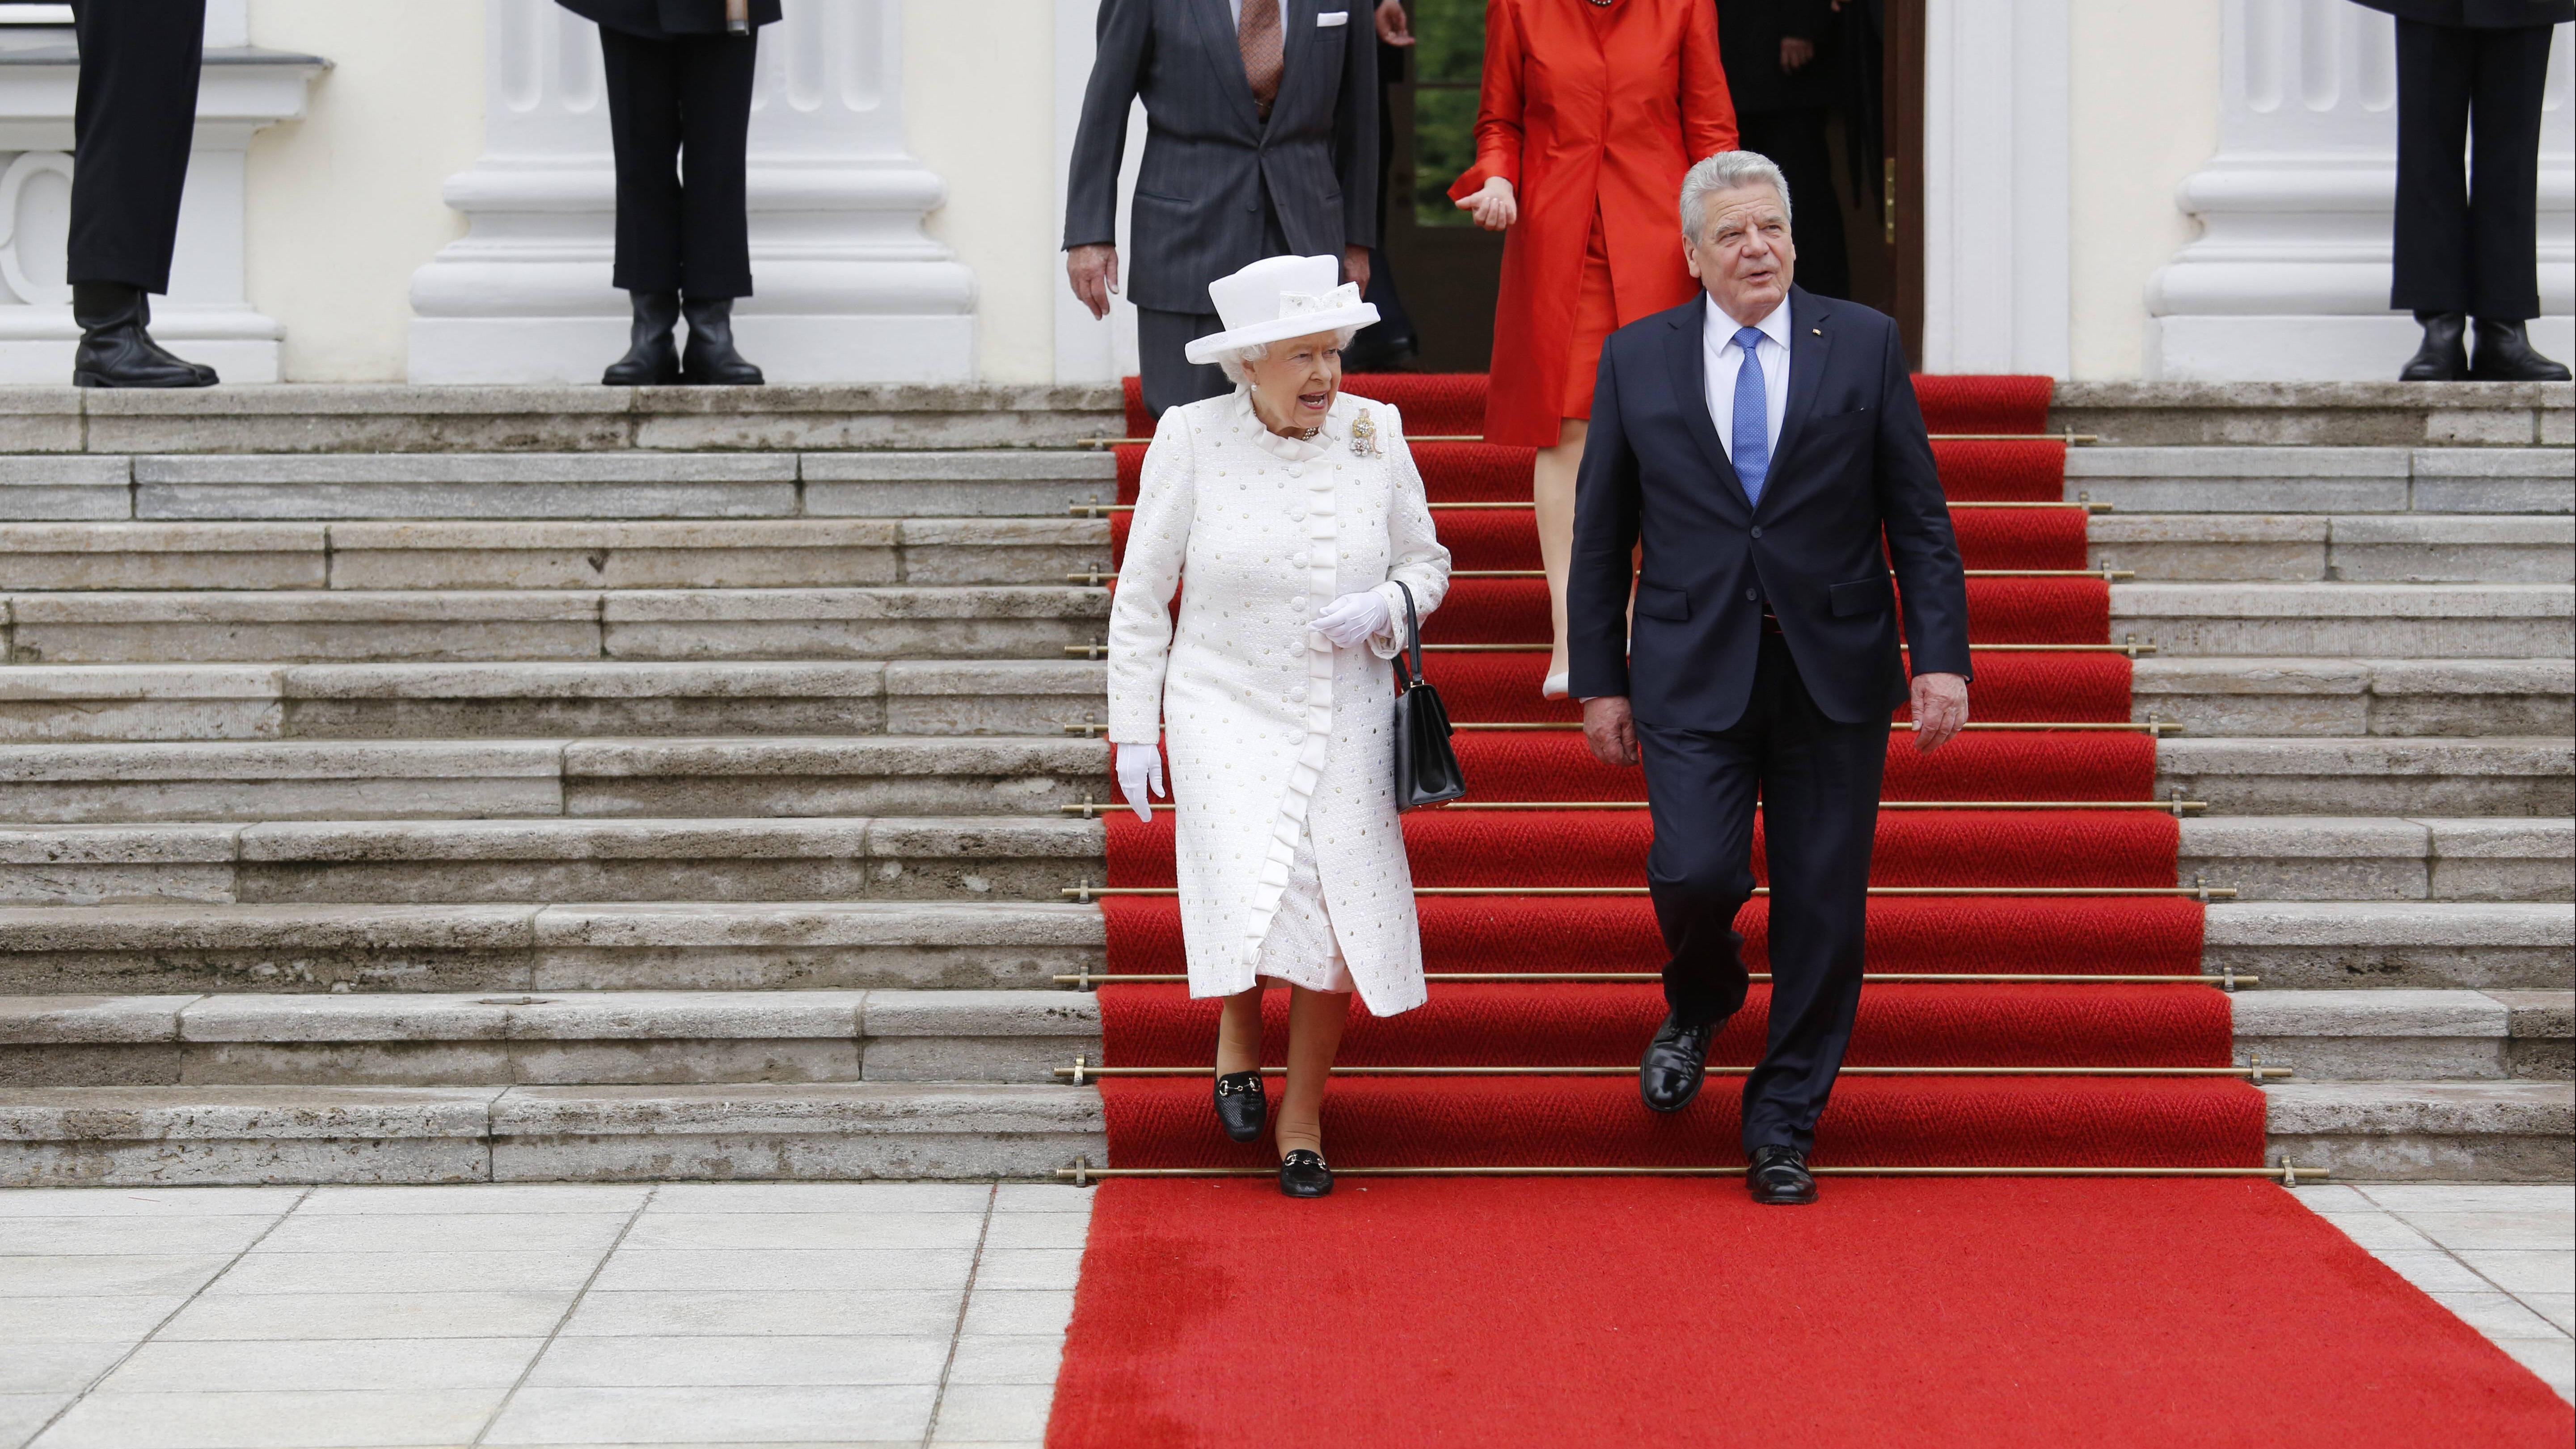 Monarchie: Die Bedeutung liegt in der Alleinherrschaft durch einen König oder eine Königin.